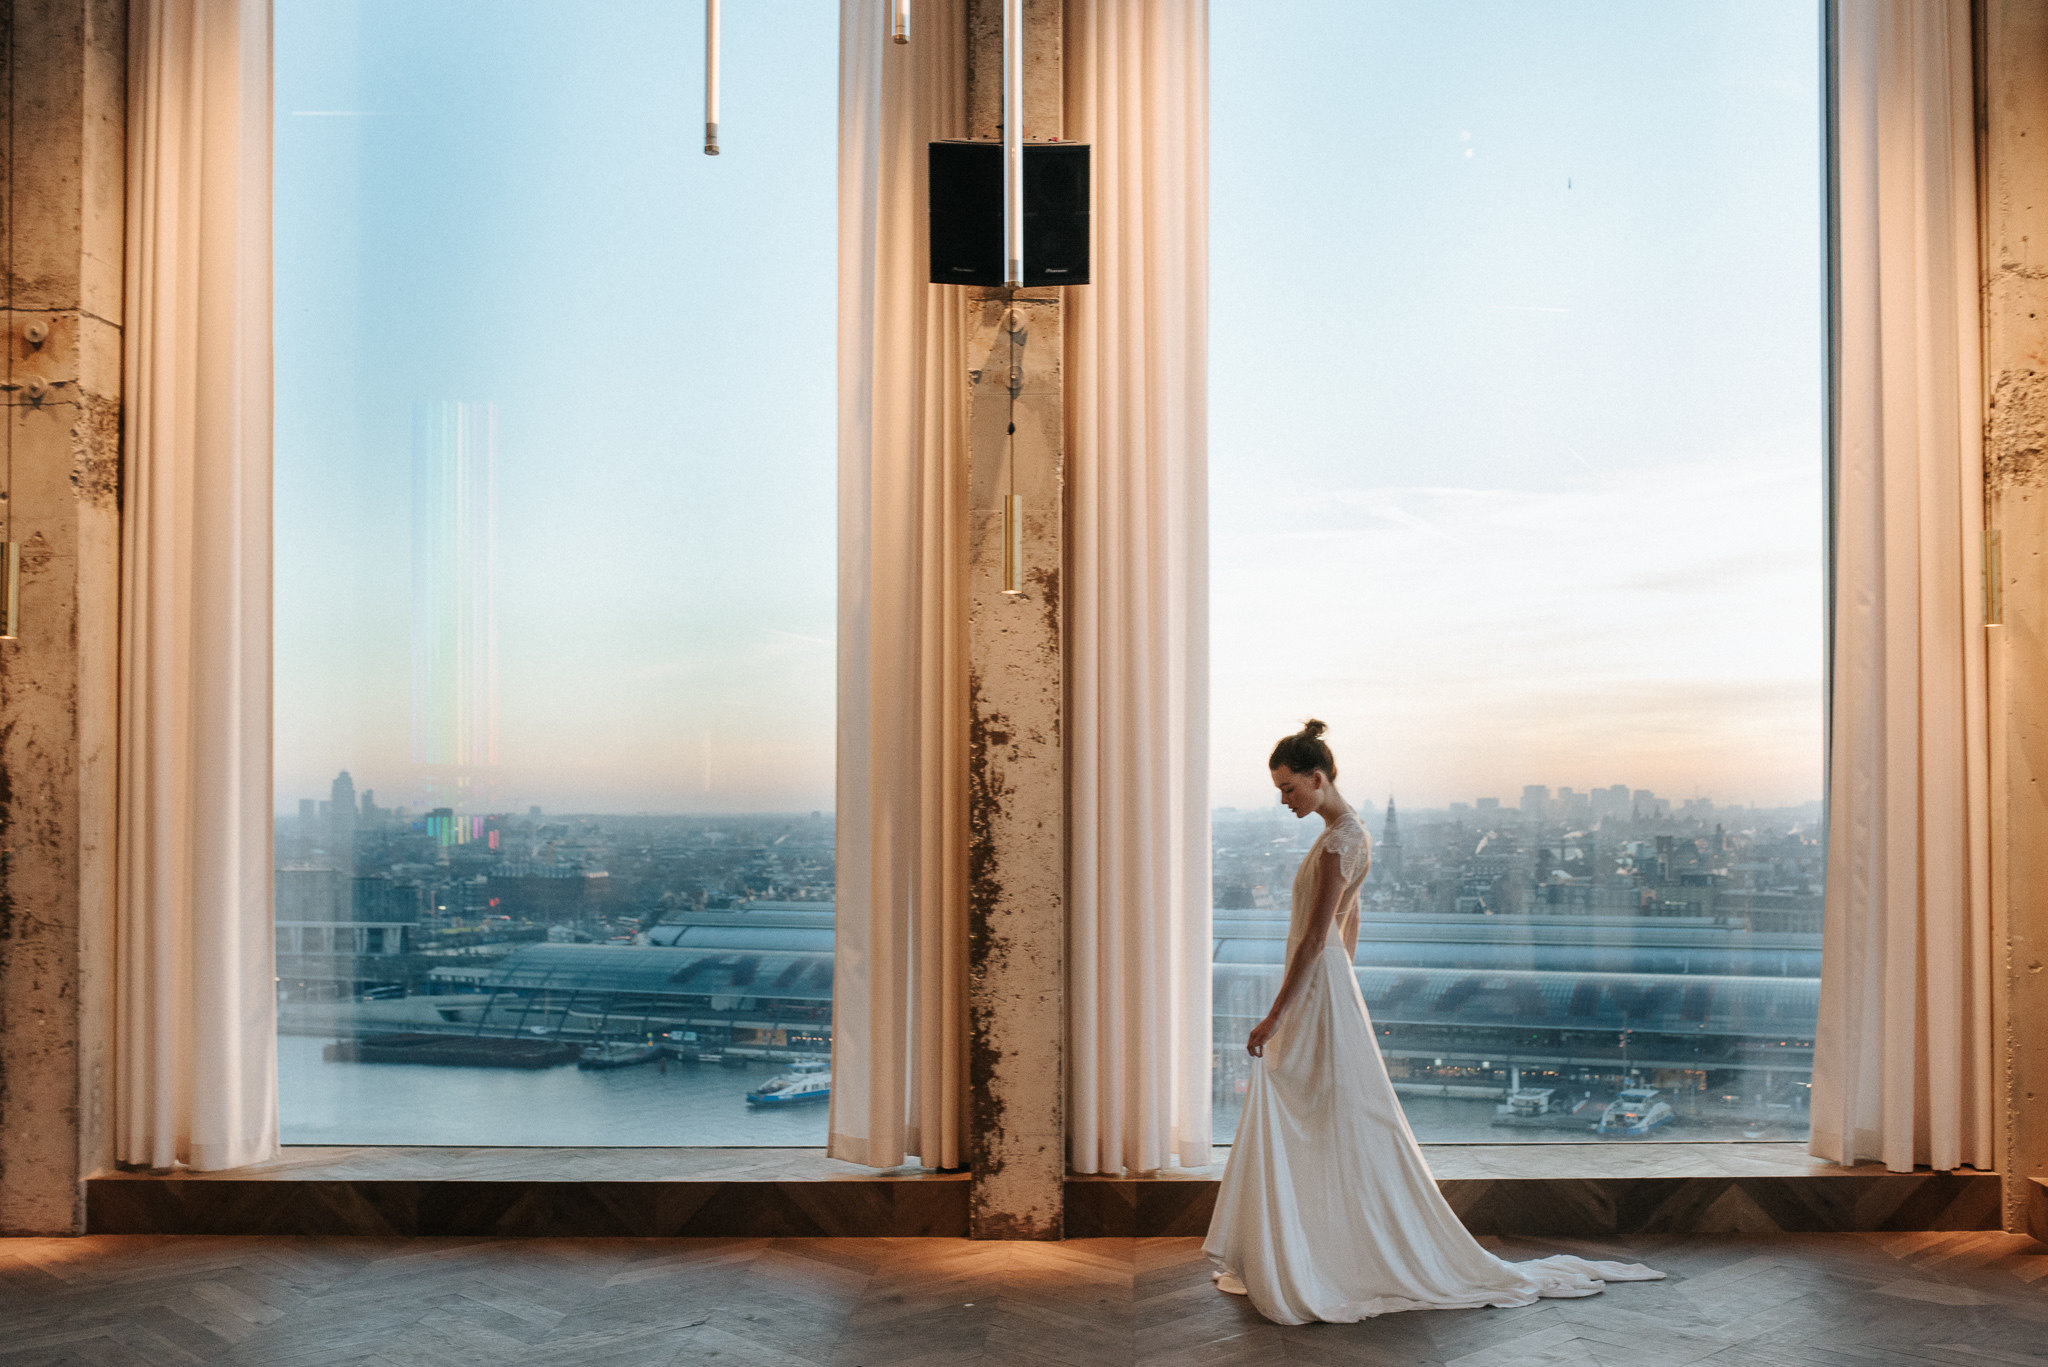 Trouwjurk Passen De Gouden Tips Theperfectwedding Nl